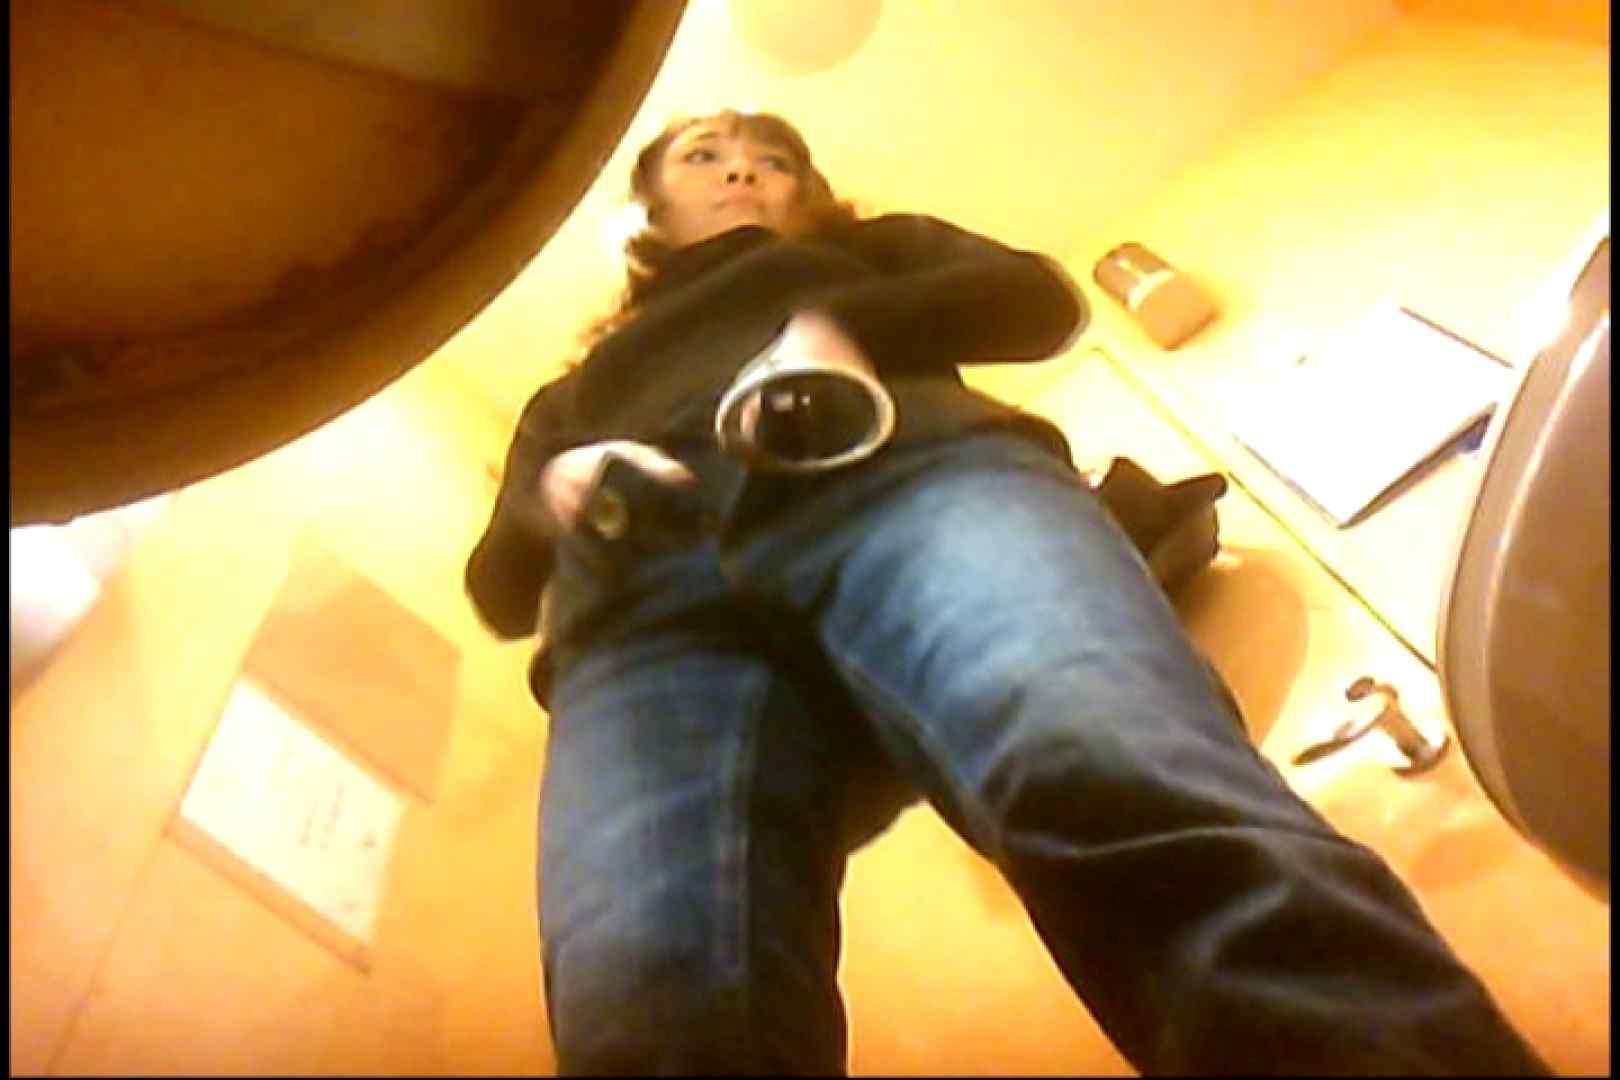 マダムが集まるデパートお手洗い Vol.04 お手洗い オマンコ無修正動画無料 91PIX 68